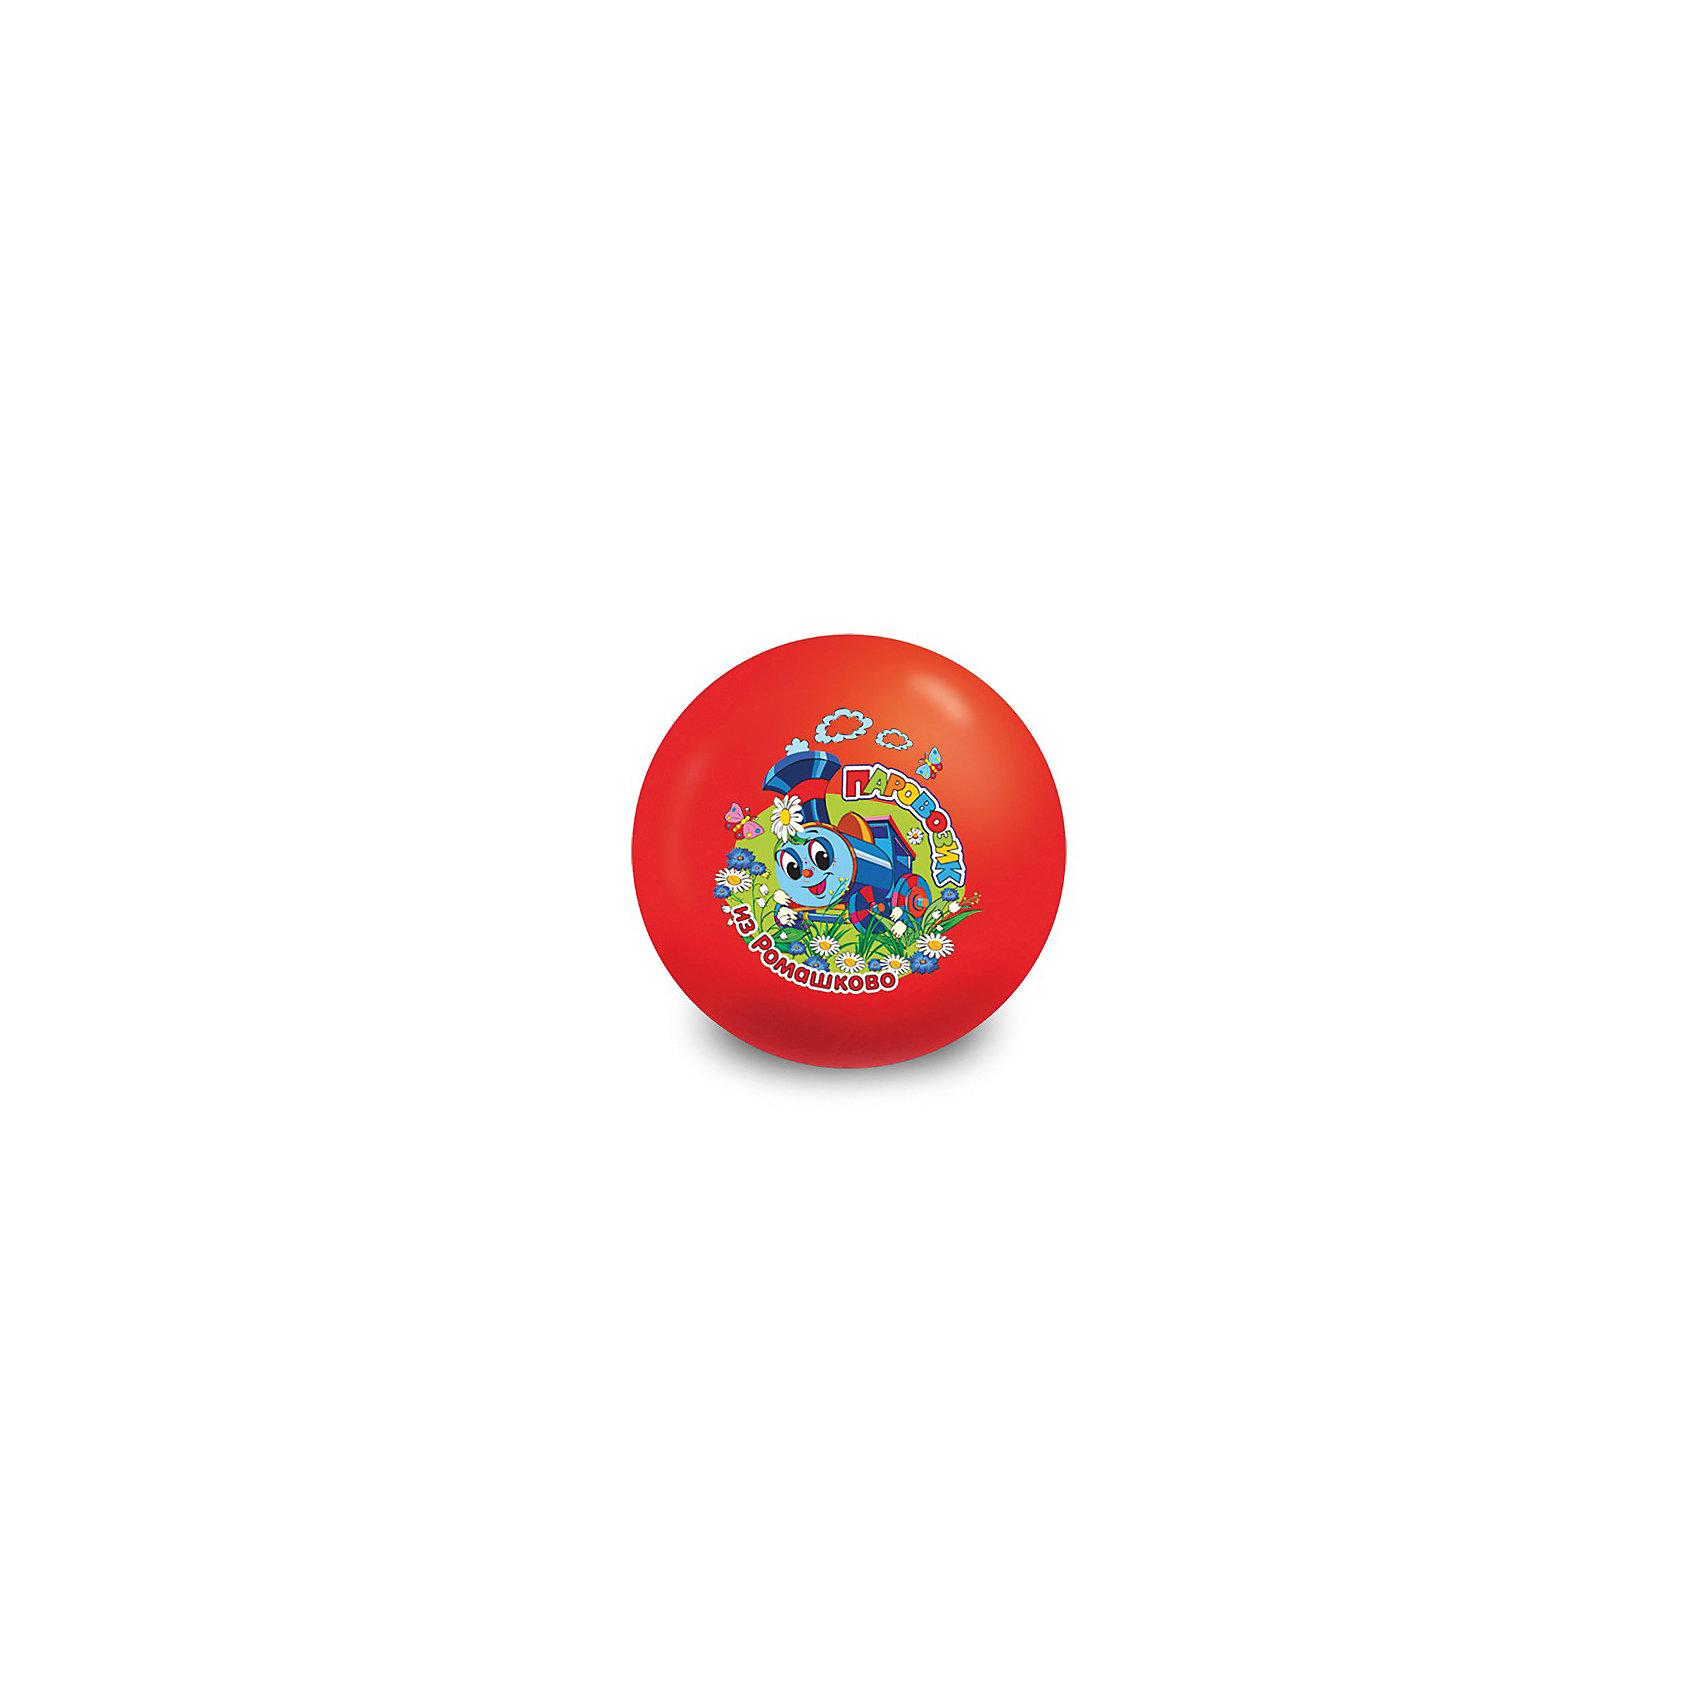 Мяч детский Паровозик из Ромашково, Играем вместеМячи детские<br>Мяч детский Паровозик из Ромашково, Играем вместе. <br><br>- Диаметр: 23 см. Поставляется в сдутом виде, насос в комплект не входит.<br><br>Ширина мм: 230<br>Глубина мм: 230<br>Высота мм: 120<br>Вес г: 100<br>Возраст от месяцев: 36<br>Возраст до месяцев: 144<br>Пол: Унисекс<br>Возраст: Детский<br>SKU: 3645353